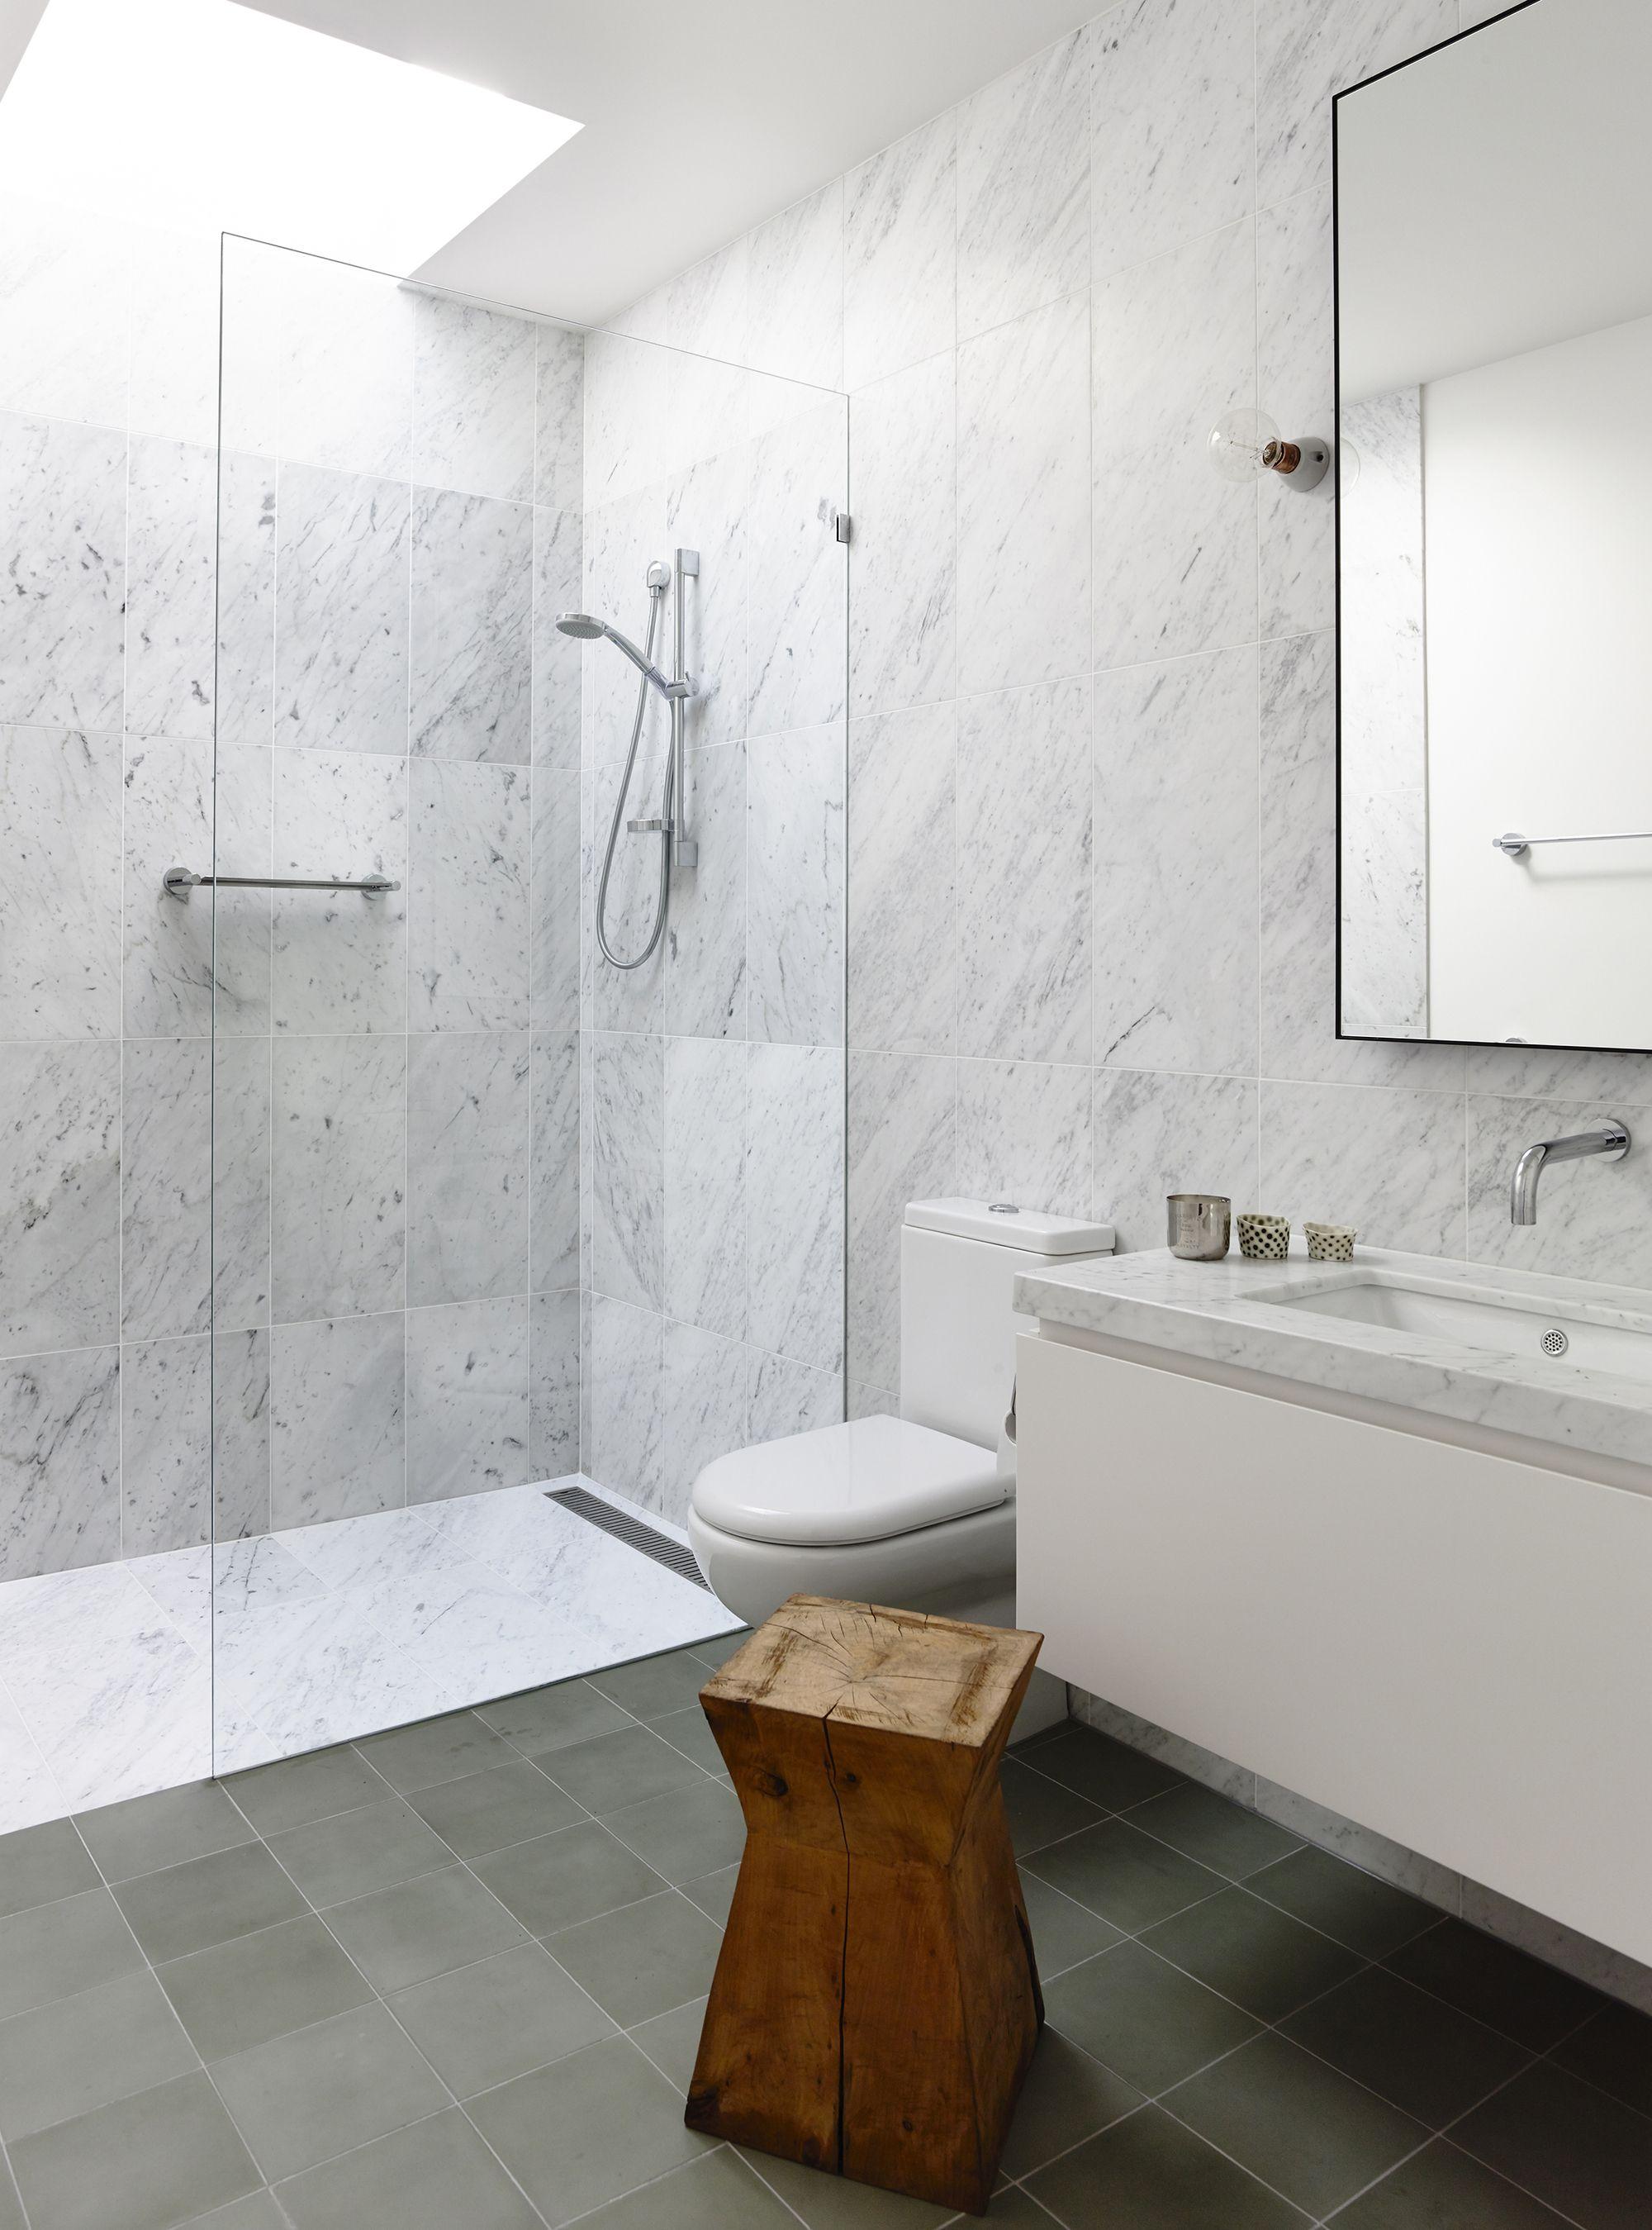 galería de vivienda fairbairn / inglis architects - 10   baños